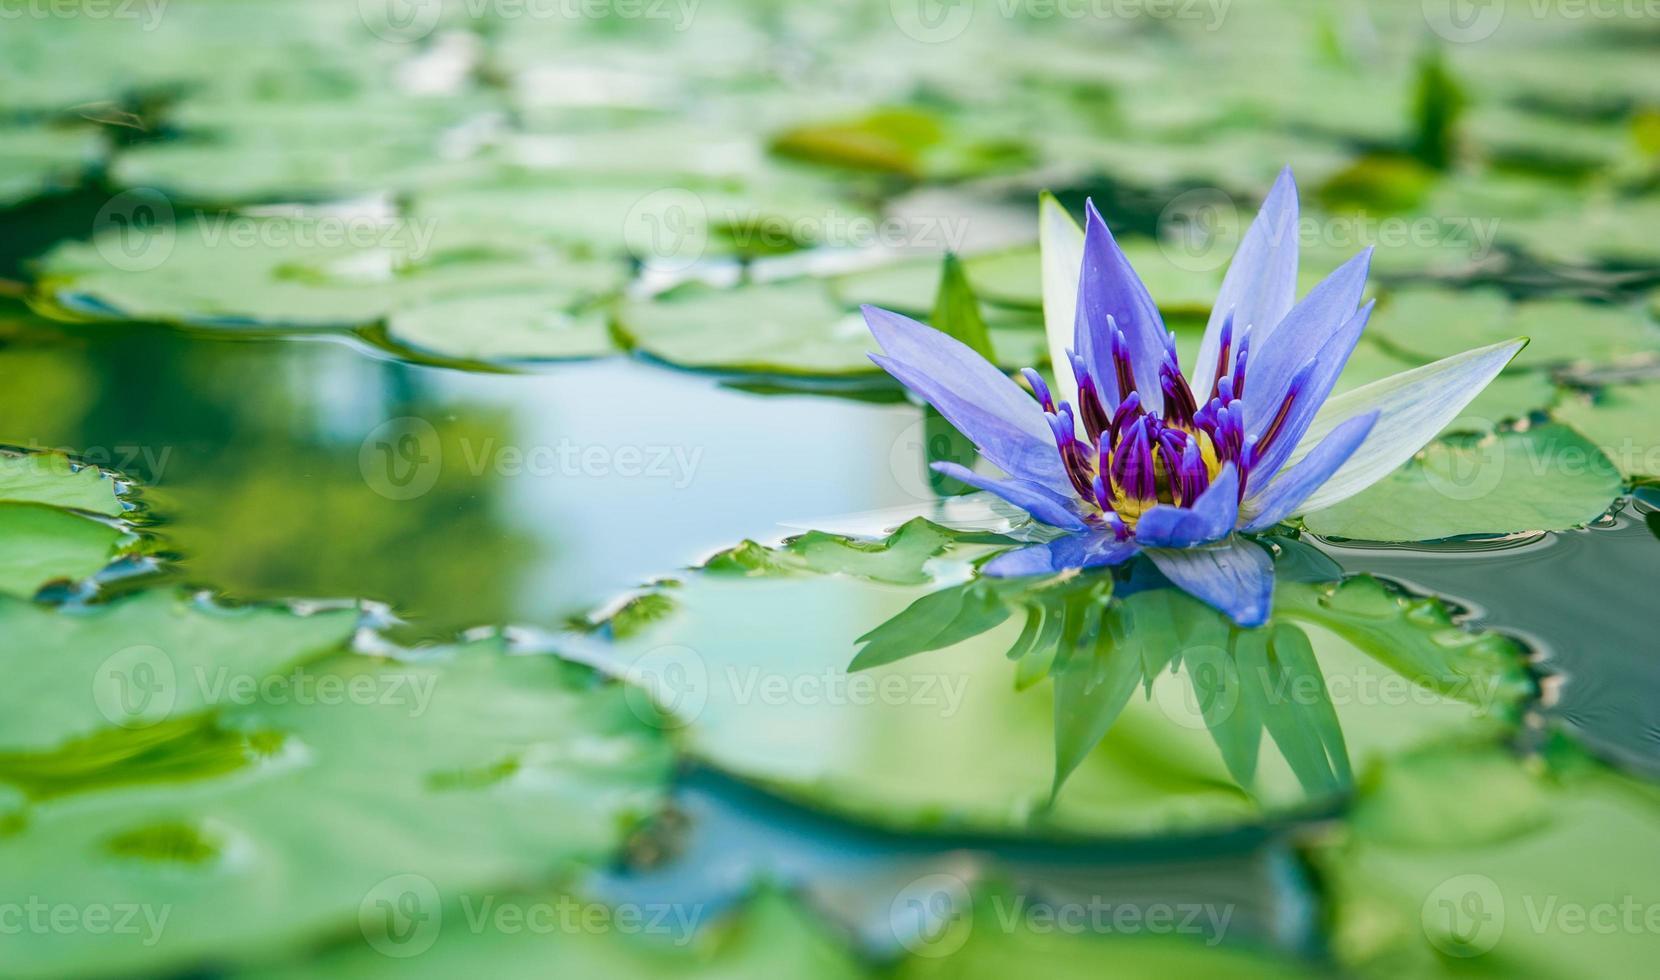 bellissimo loto viola, pianta acquatica con riflesso in uno stagno foto